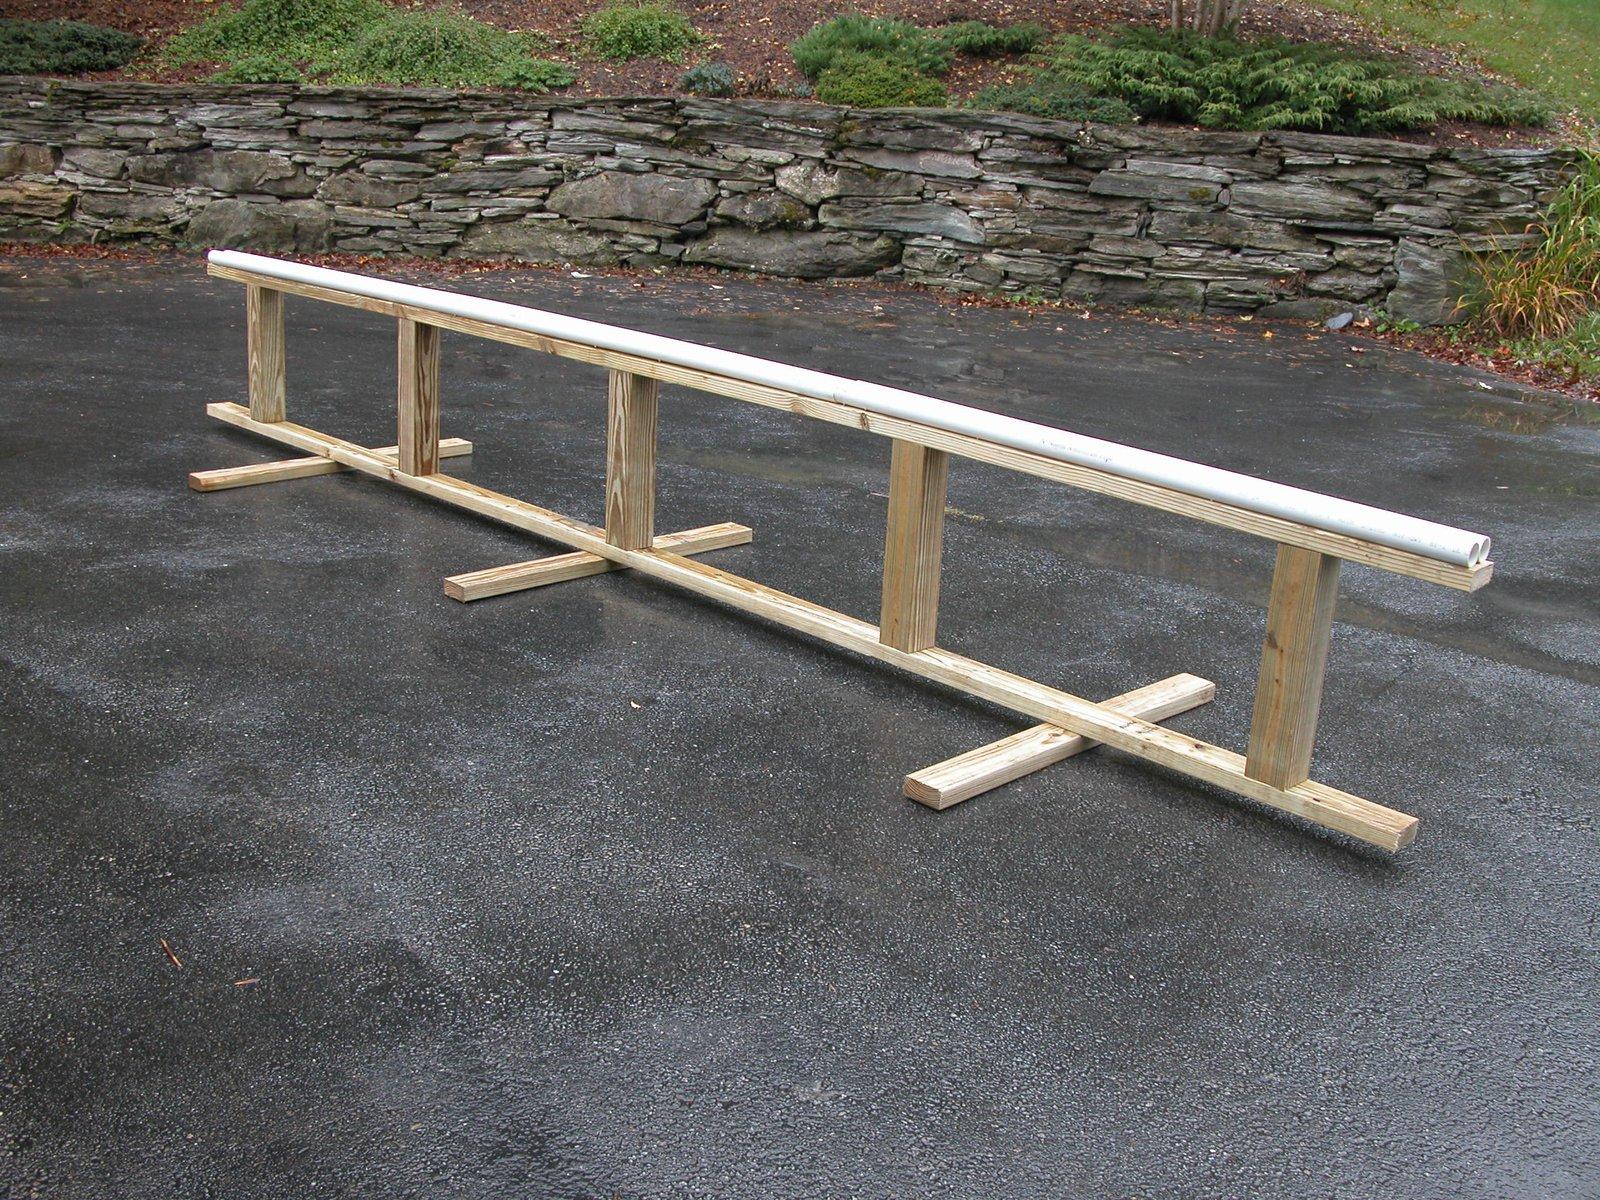 Pvc pipe rail